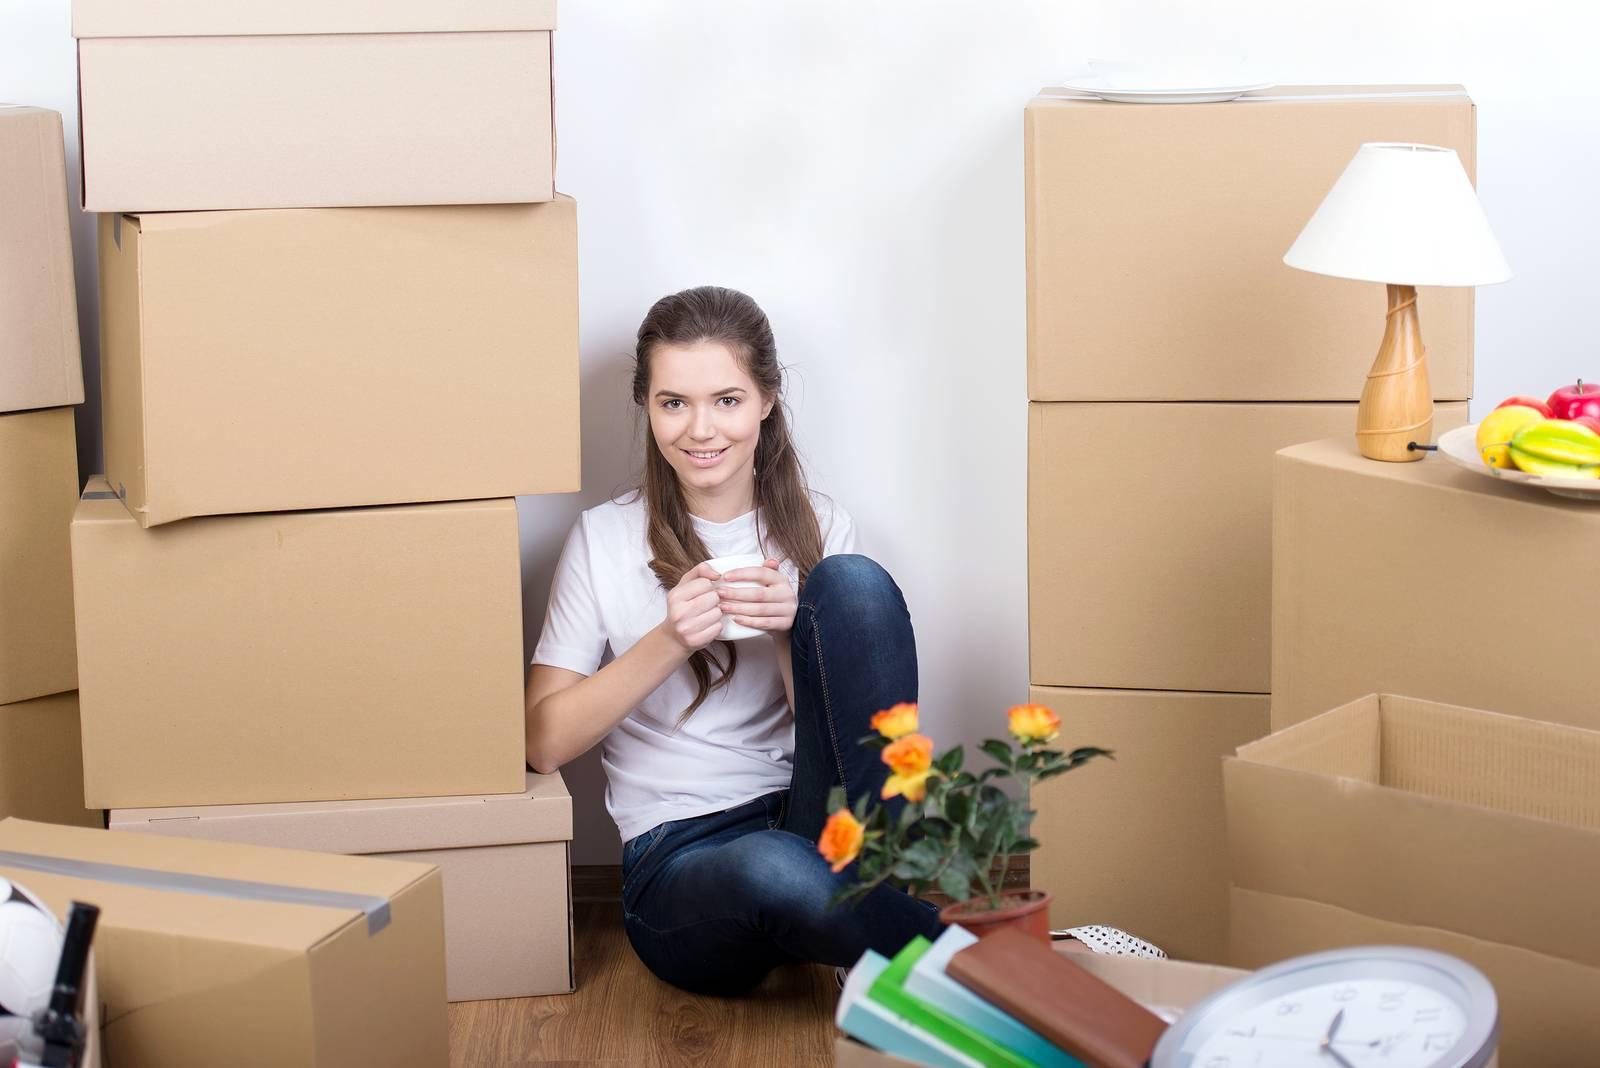 С чего начать переезд в другой город: 35 советов для тех, кто решил сменить навсегда место жительства. как упаковывать и перевозить вещи?